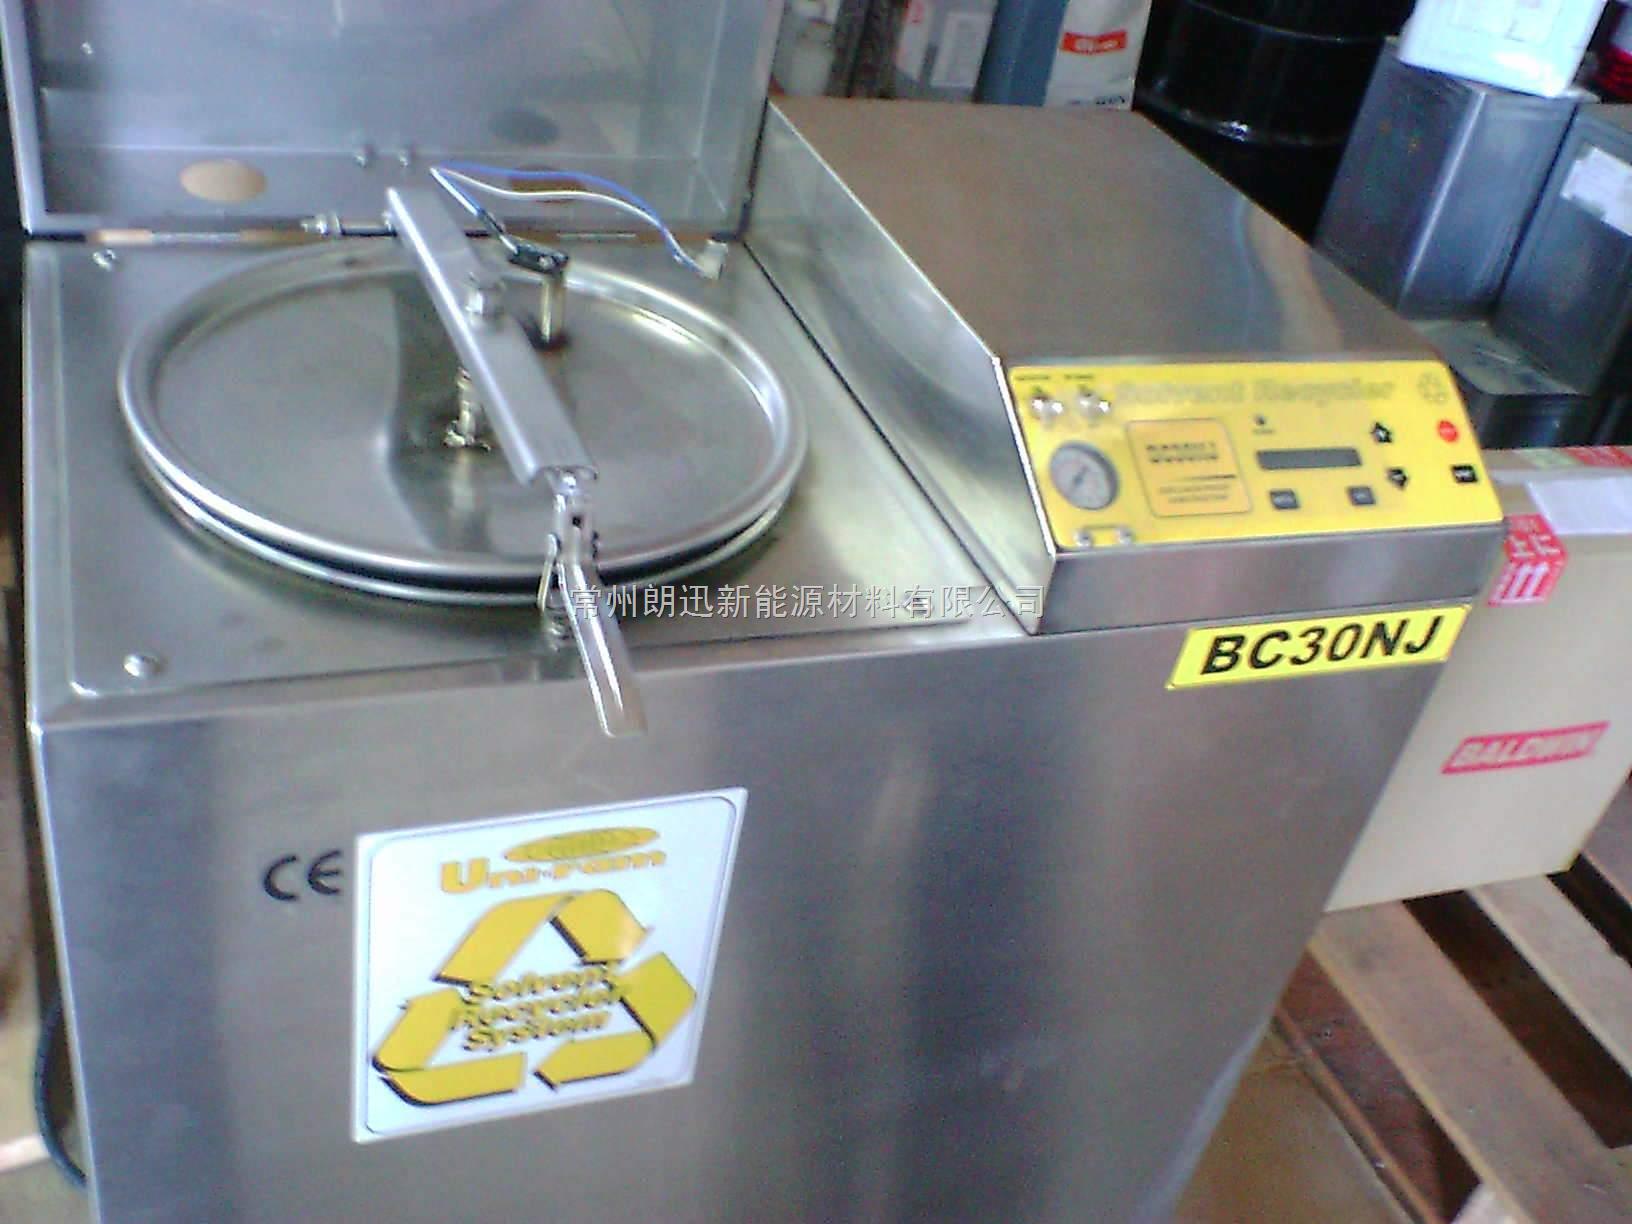 加拿大Uni-ram防爆型小型溶剂回收机